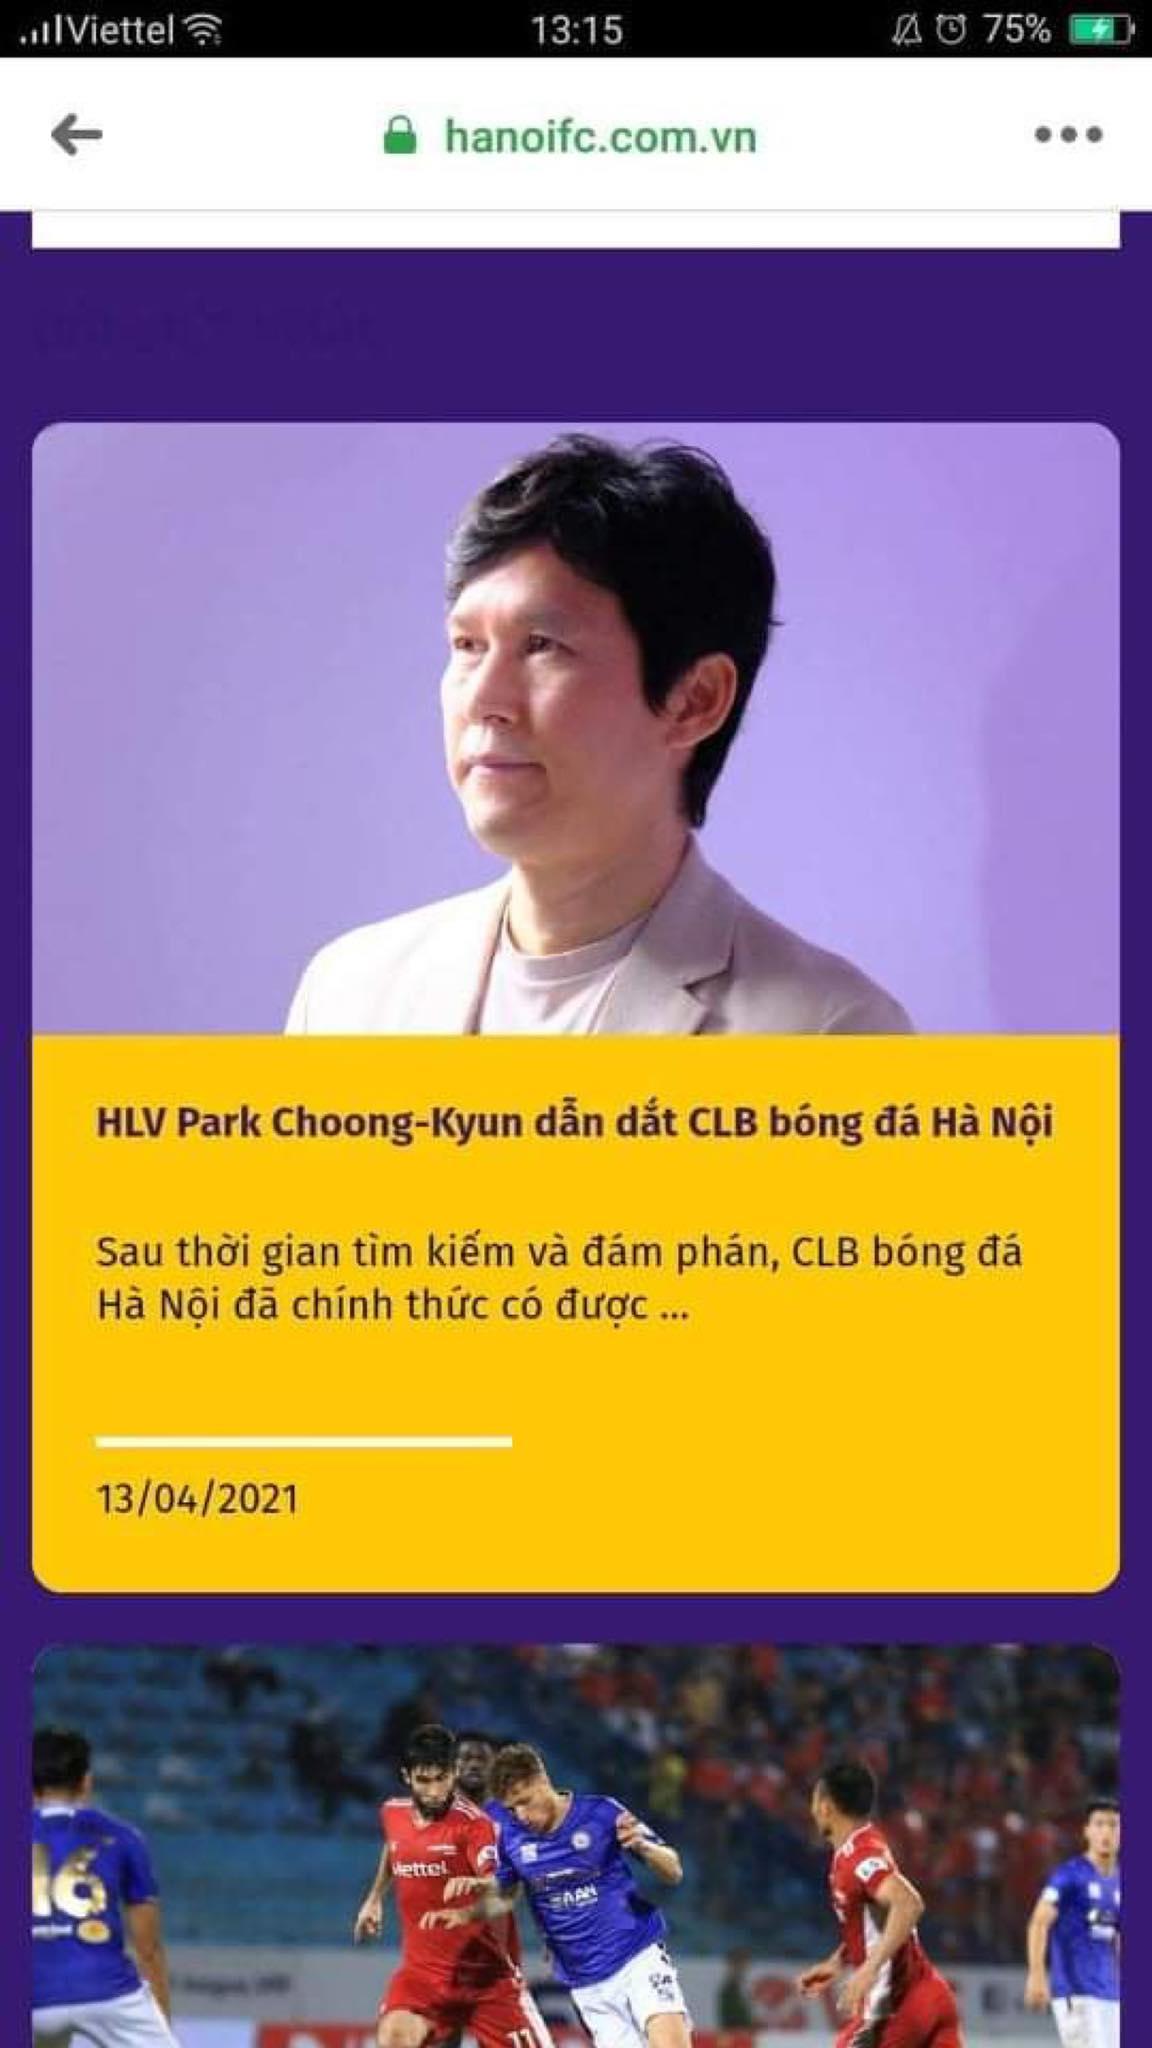 Hà Nội lộ thông tin HLV trưởng người Hàn Quốc